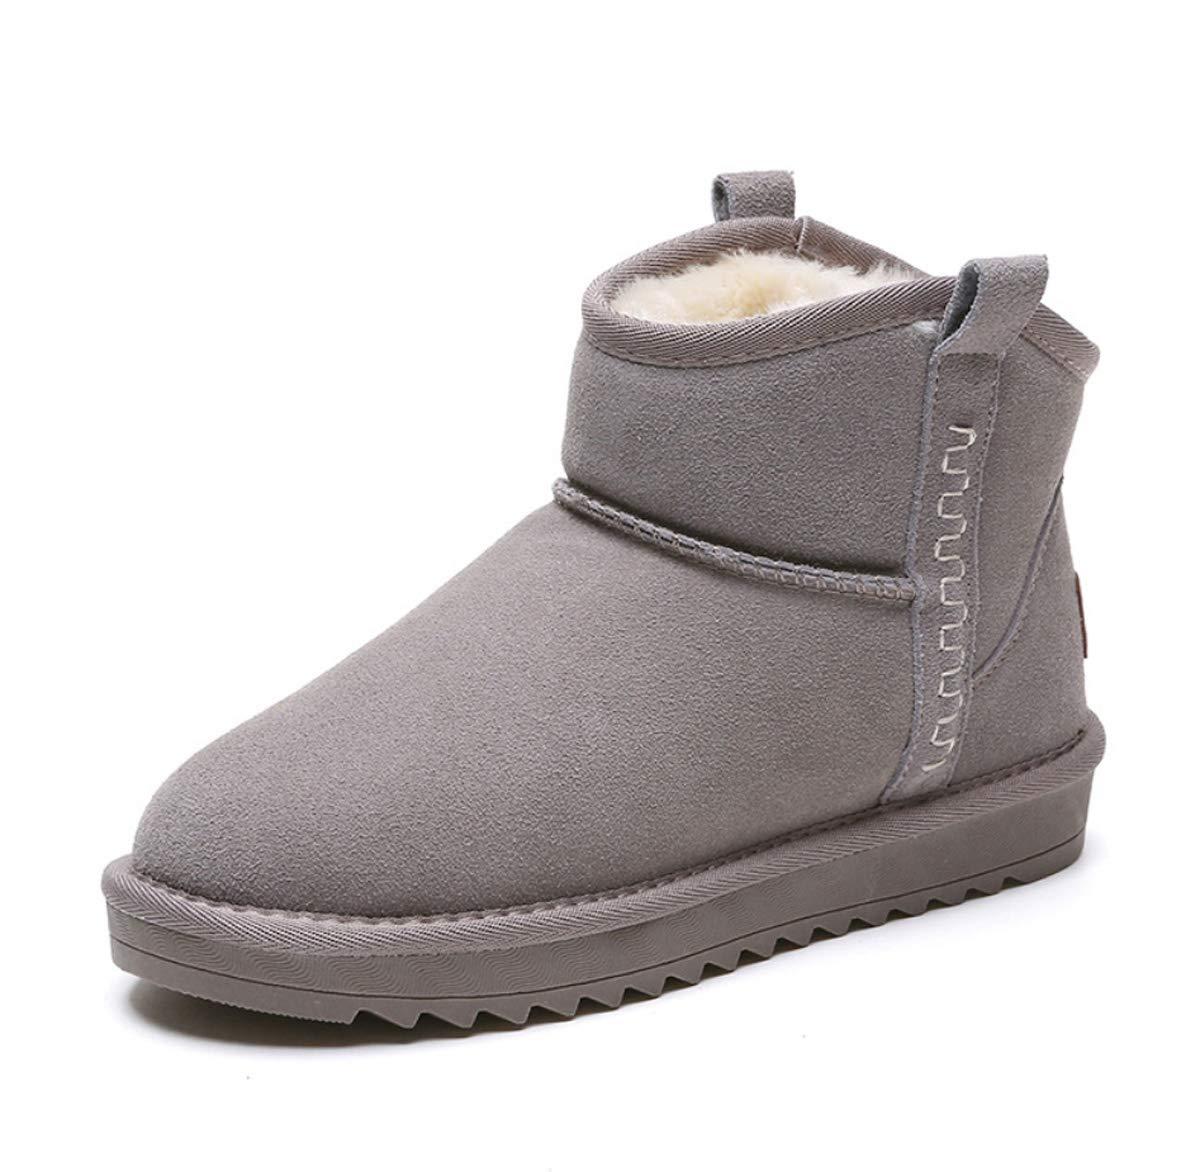 DANDANJIE Damenschuhe Winterstiefel Warm Lining Snow Stiefel mit Flat Heel Rutschfeste Ankle Stiefel Schuhe für Girls Ladies